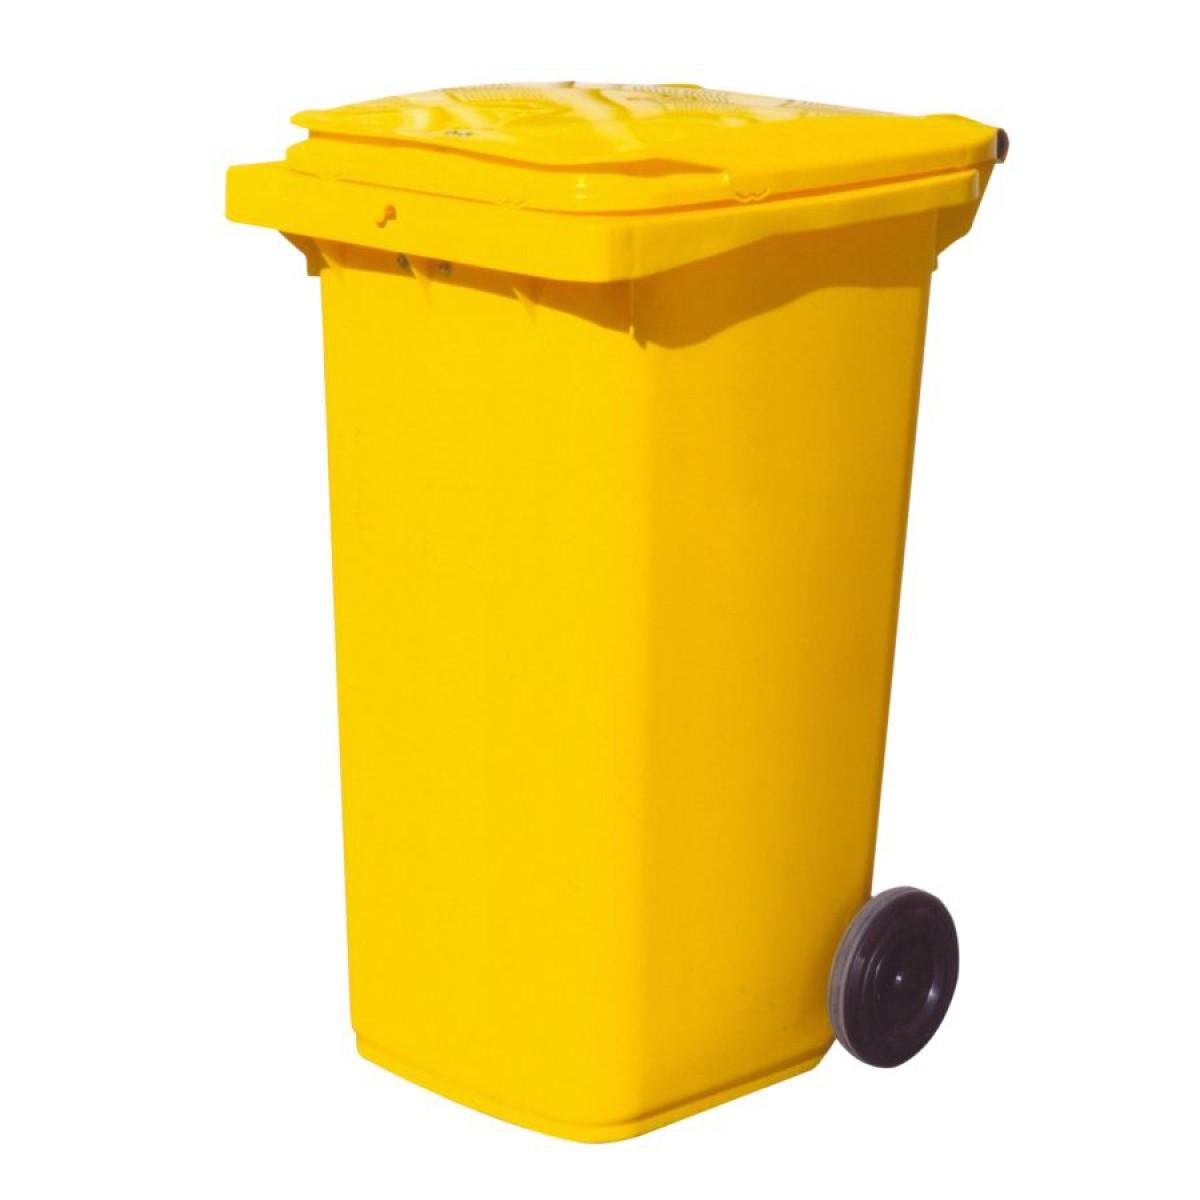 conteneur plastique jaune 2 roues 240 l hse center. Black Bedroom Furniture Sets. Home Design Ideas